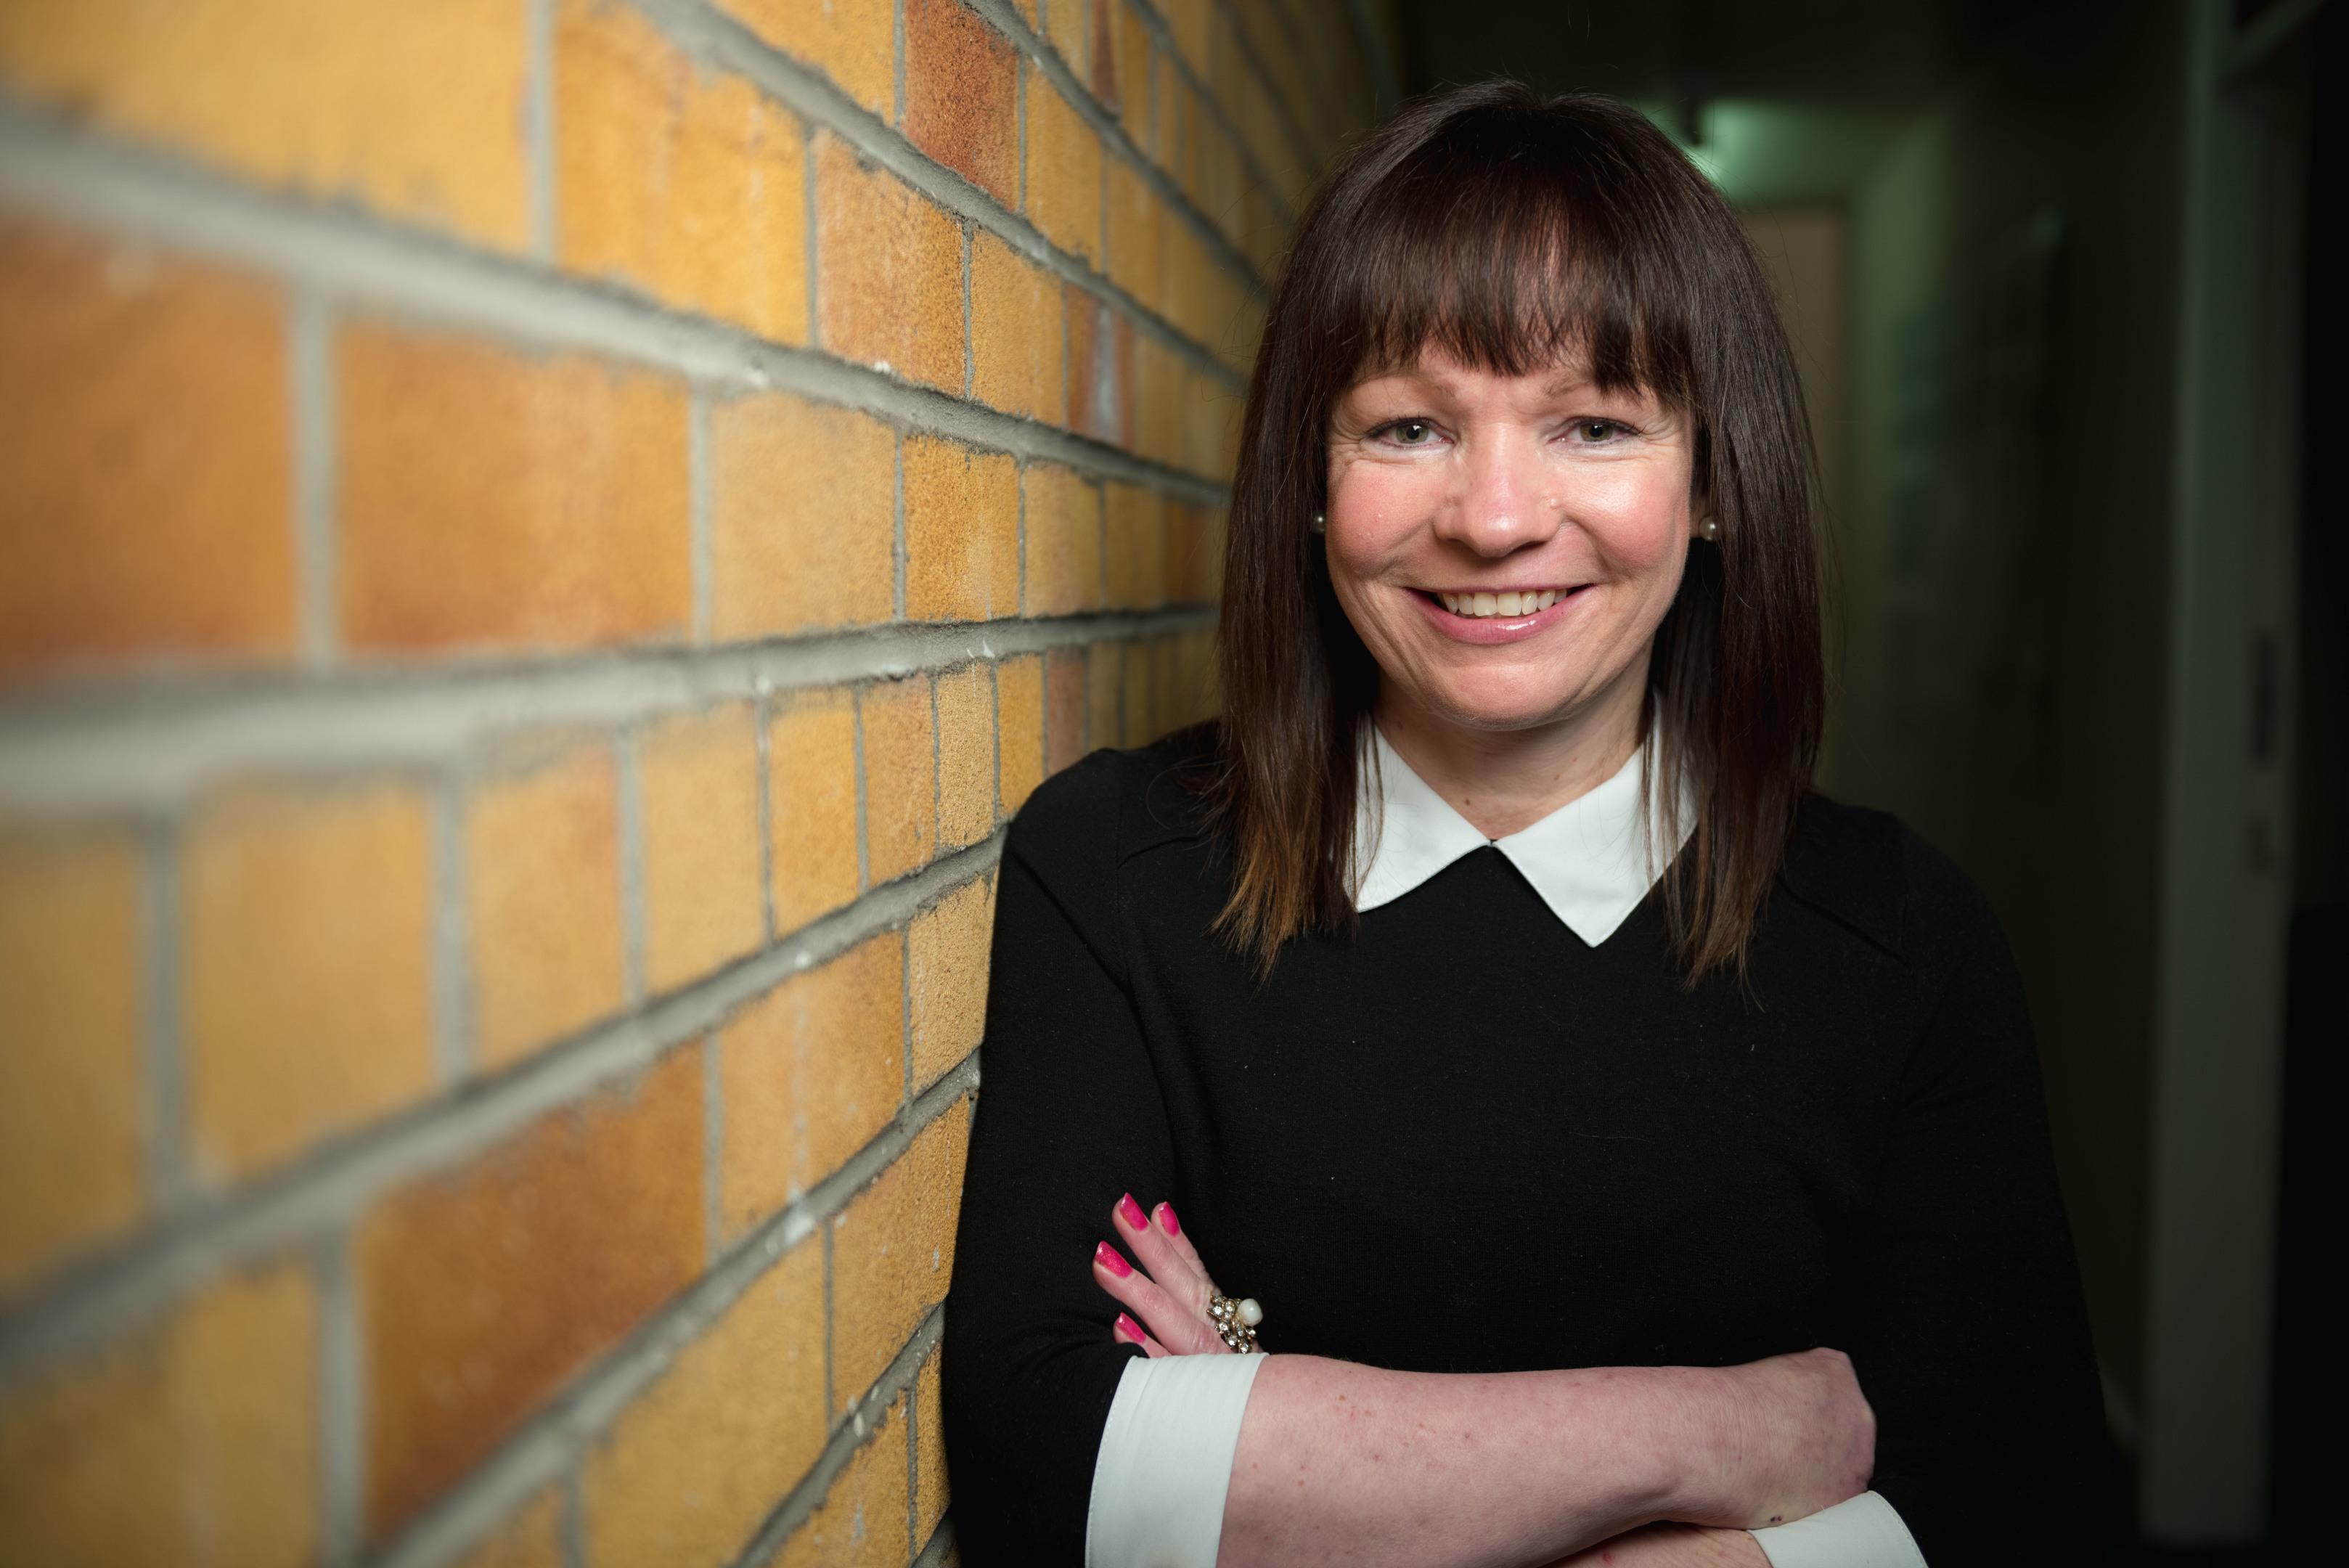 Novabiotics founder Deborah O'Neil